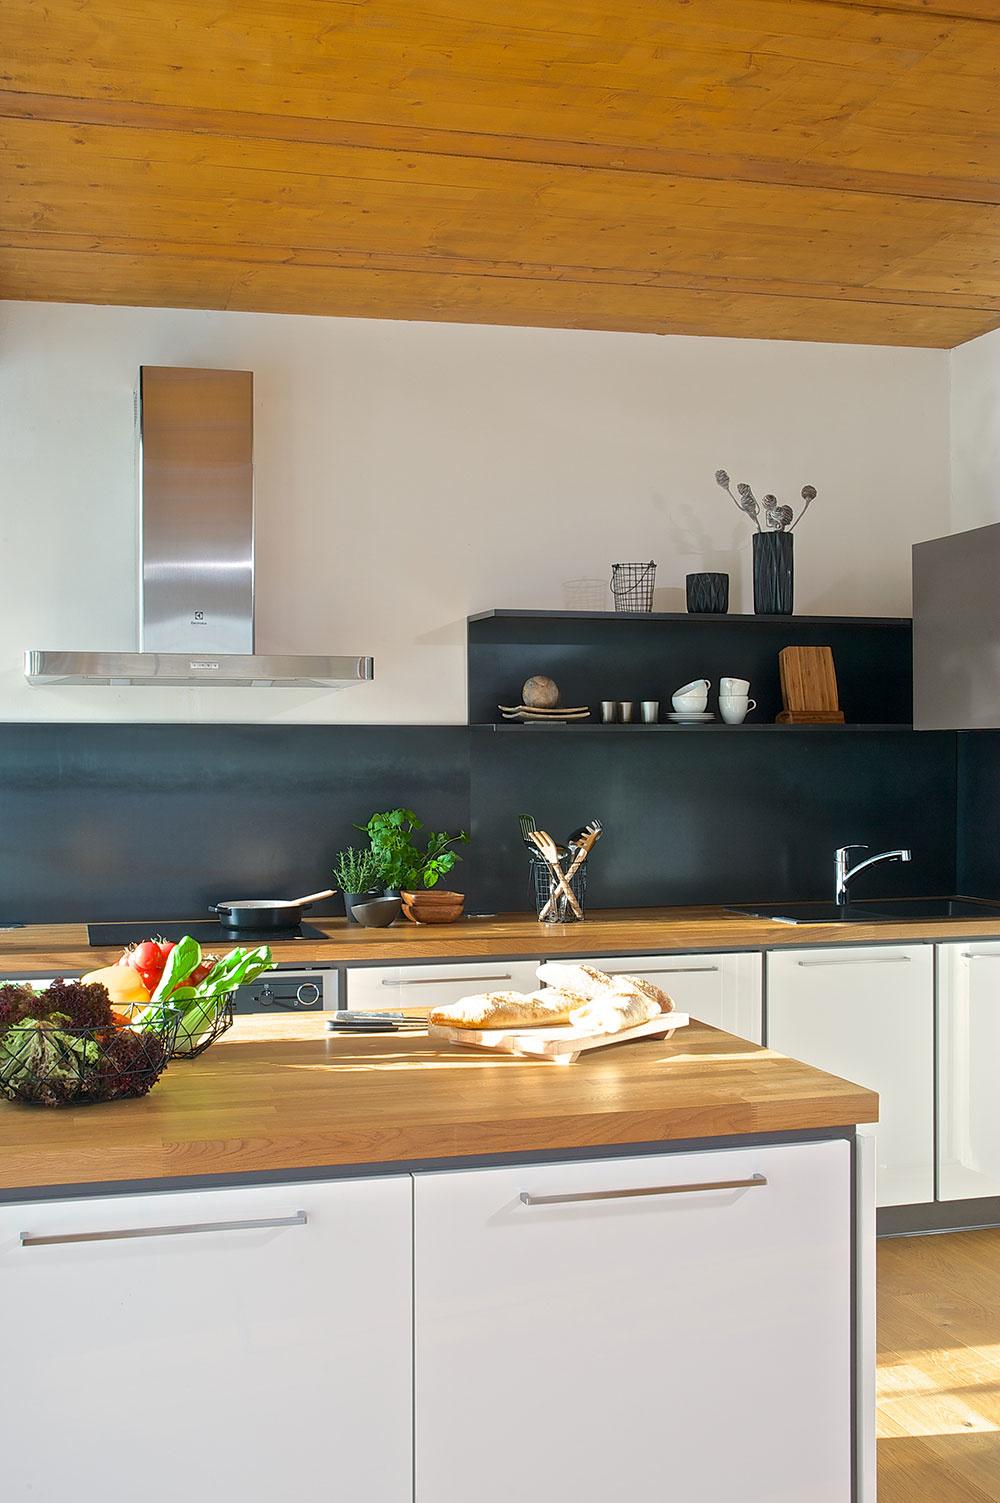 Celkom zásadnou dominantou interiéru je masívne dubové drevo, použité na podlahe, na pohľadové časti stropnej konštrukcie. Pre celú zostavu vrátane kuchynského ostrovčeka bolo použité masívne dubové drevo s hrúbkou 40 mm.